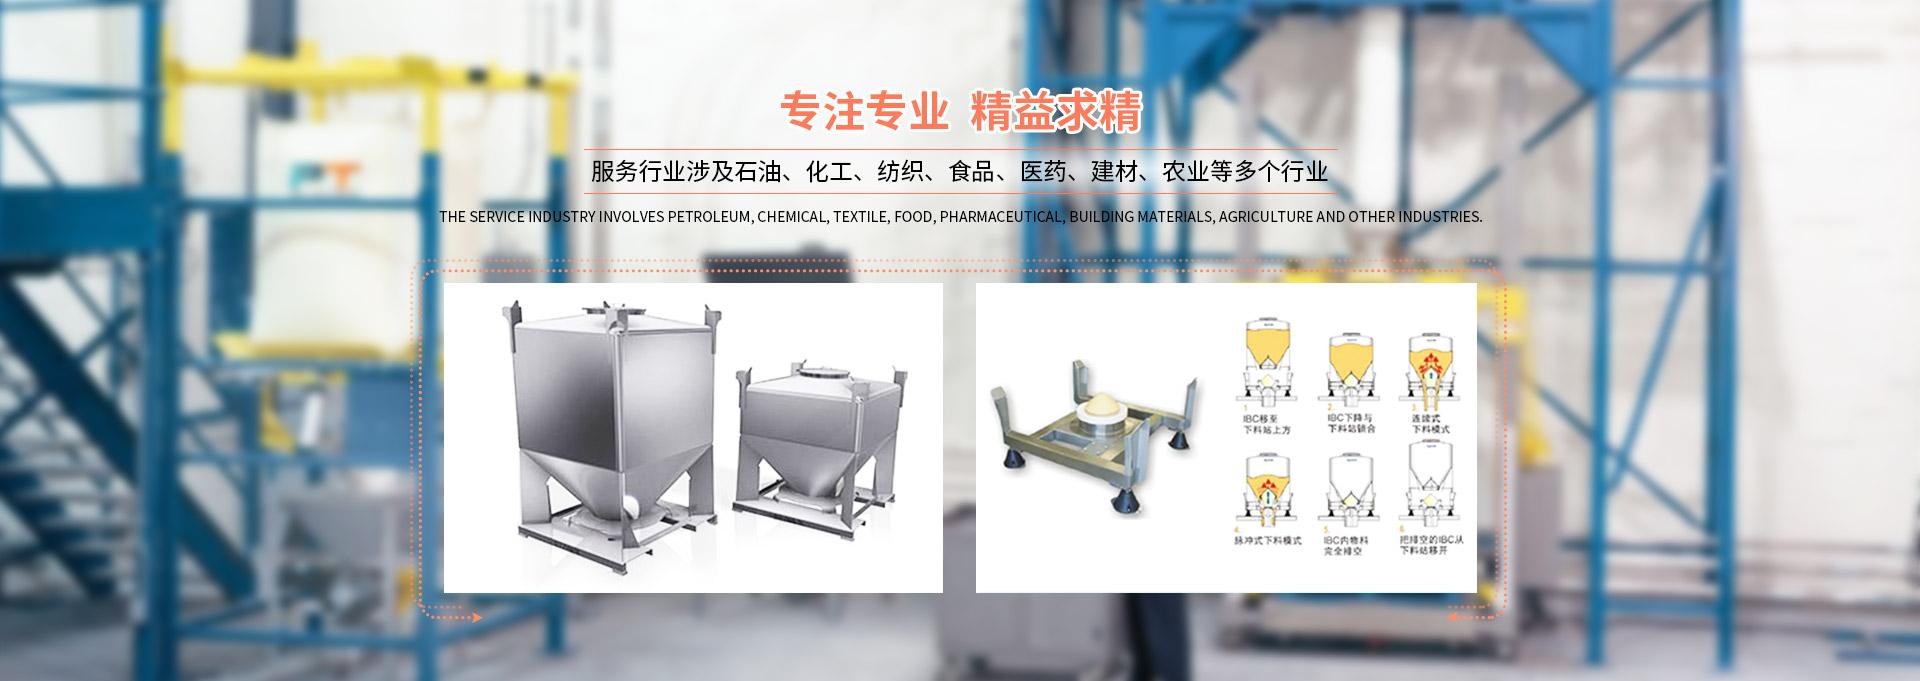 璞拓工业技术(上海)有限公司